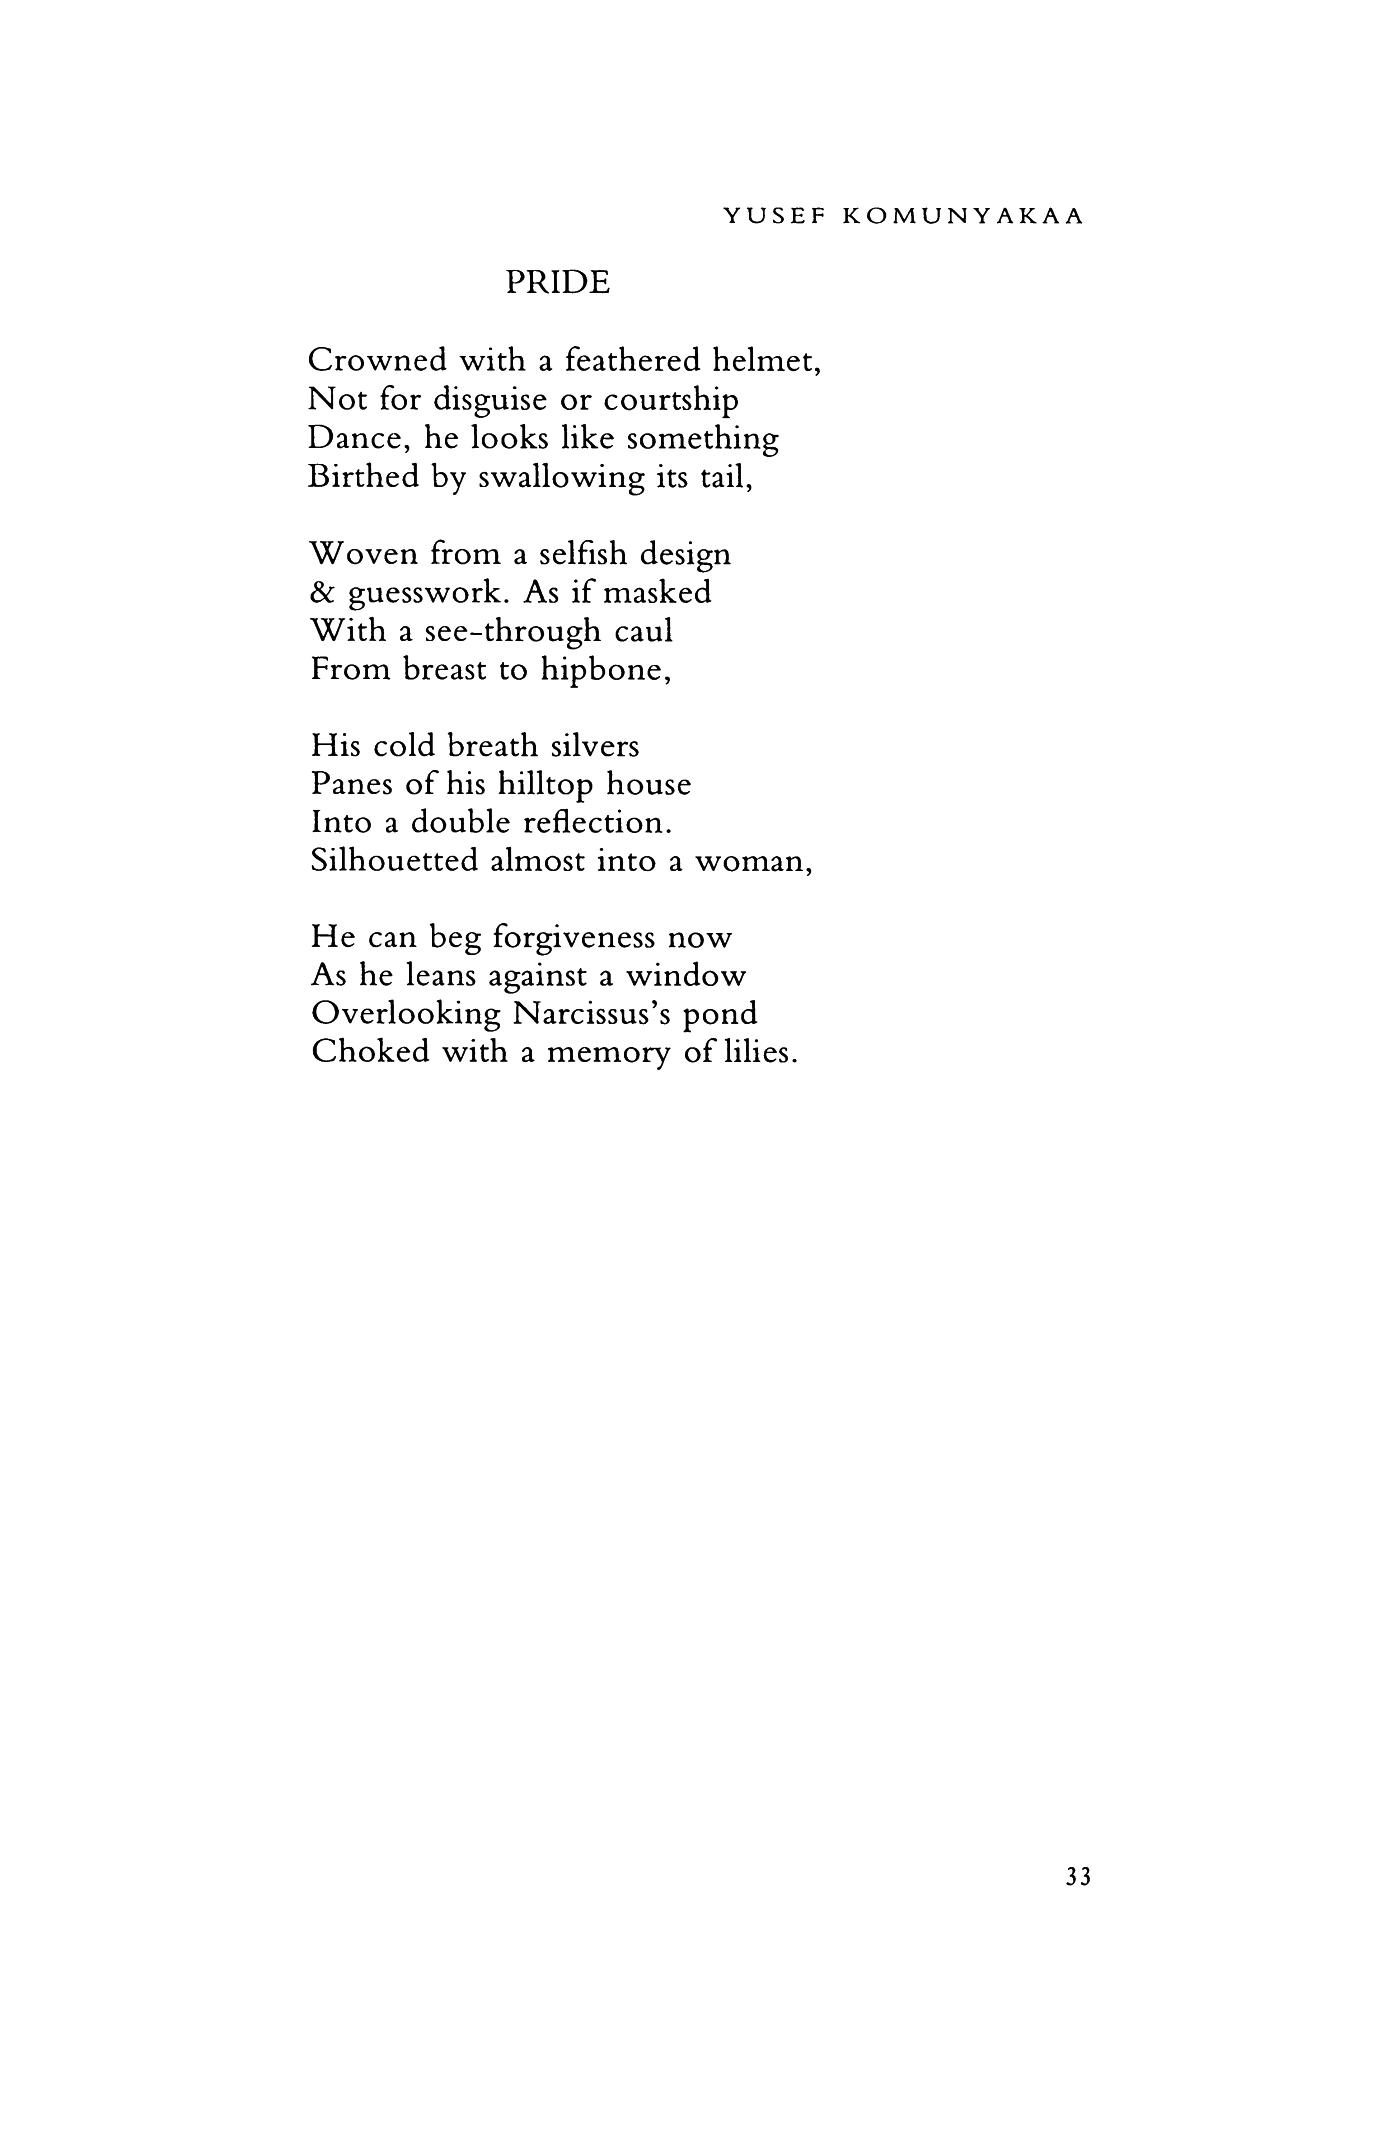 pride by yusef komunyakaa poetry magazine